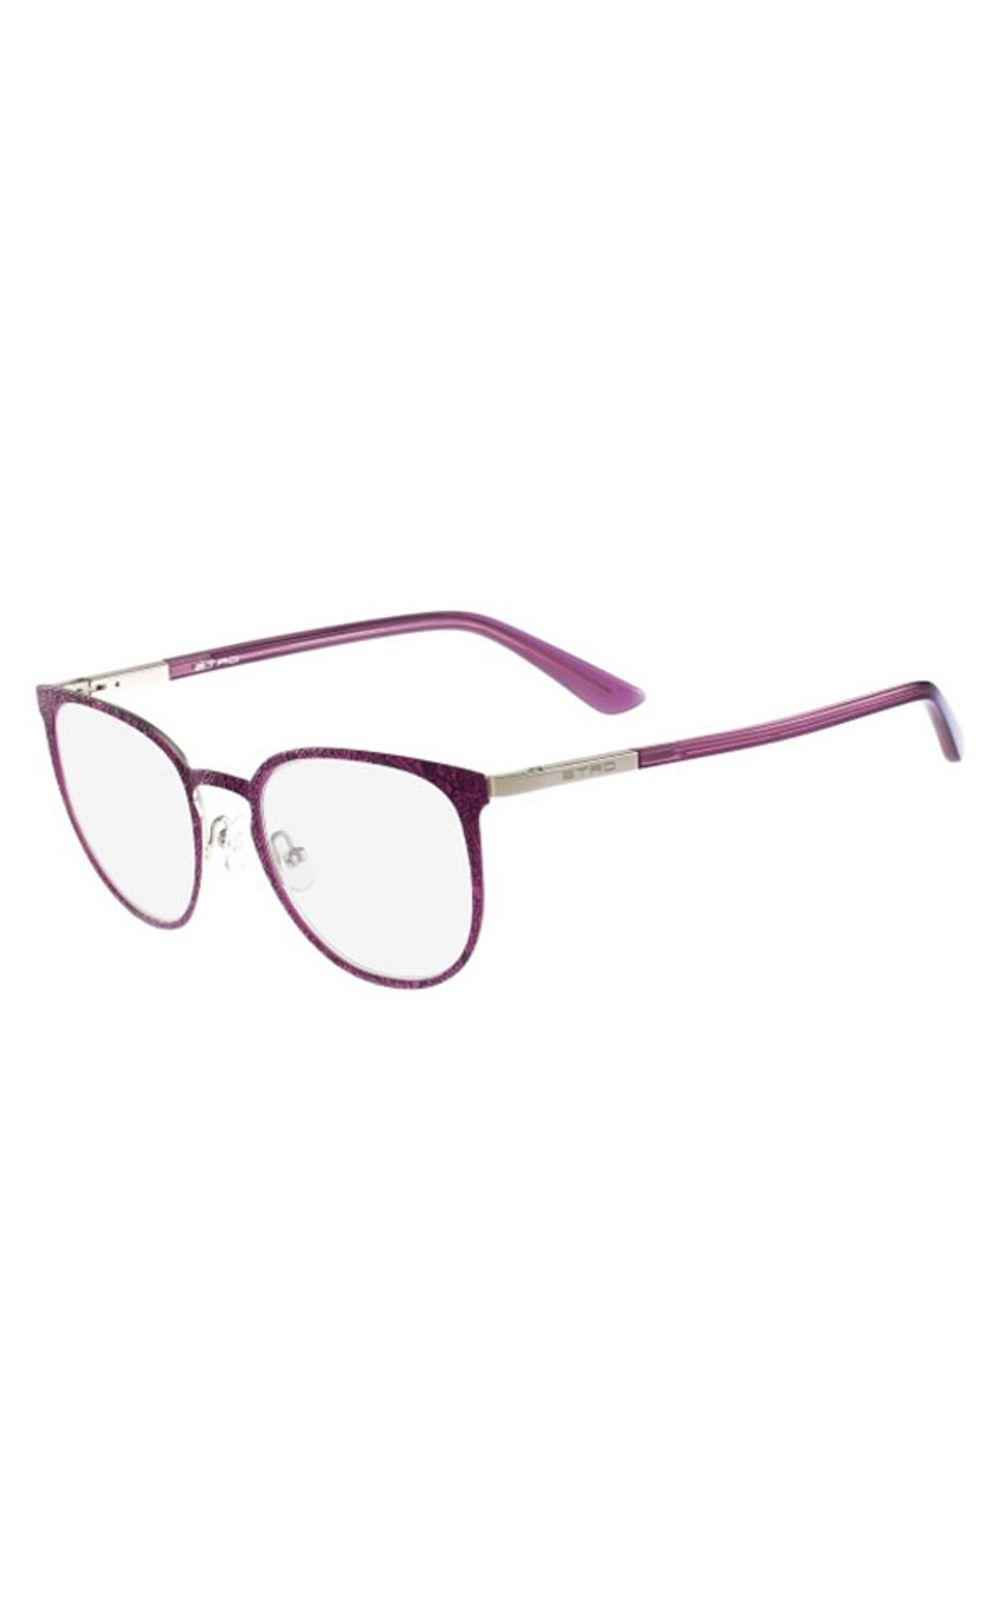 Óculos de Grau Feminino Etro 2101 500 2f7a5e48a8